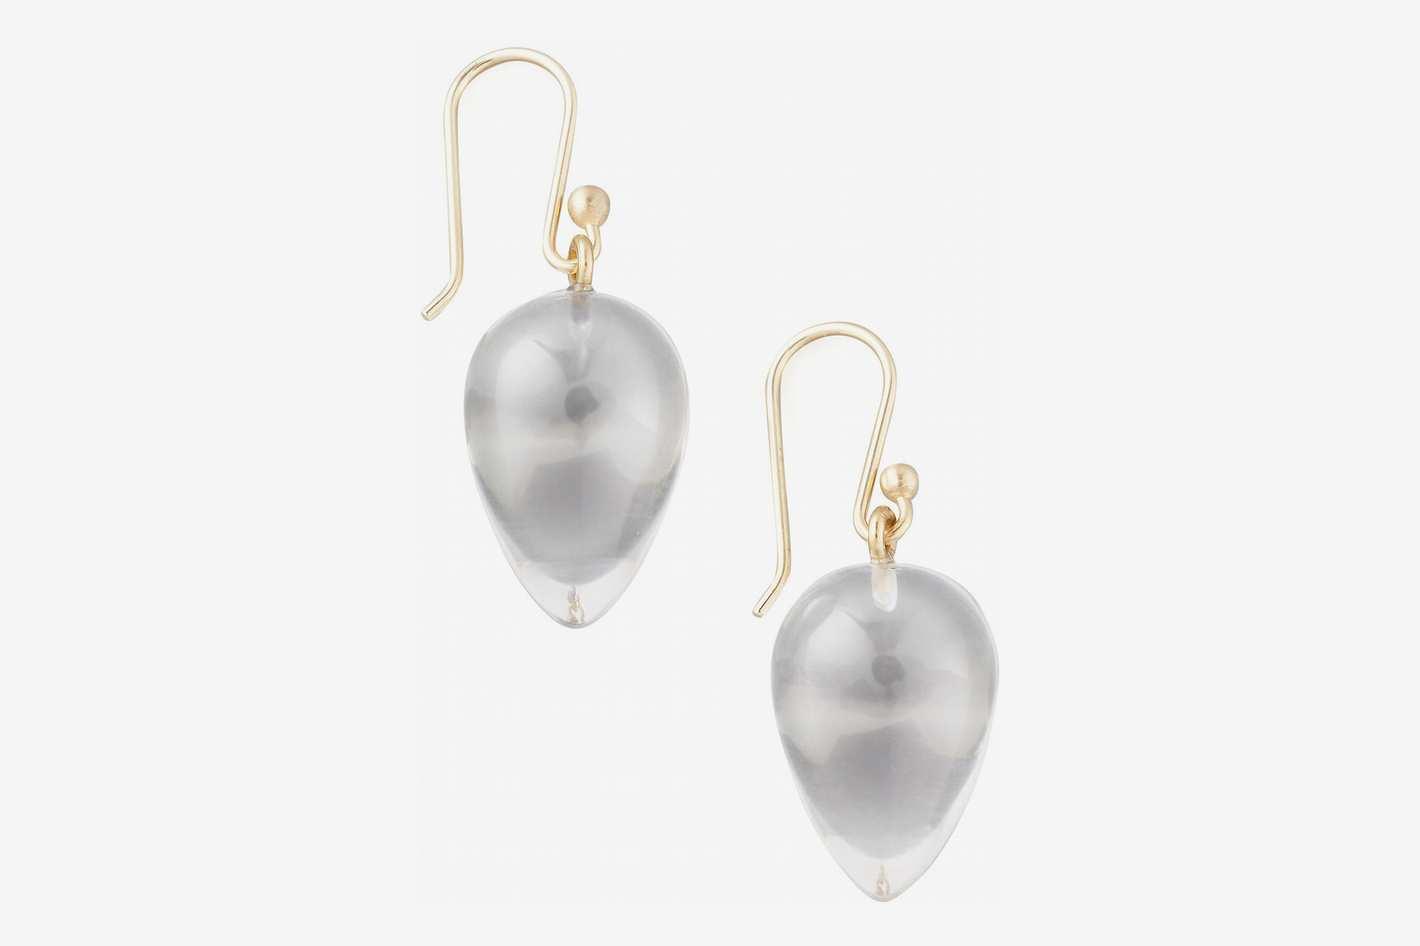 Ted Muehling Rock Crystal Acorn Earrings